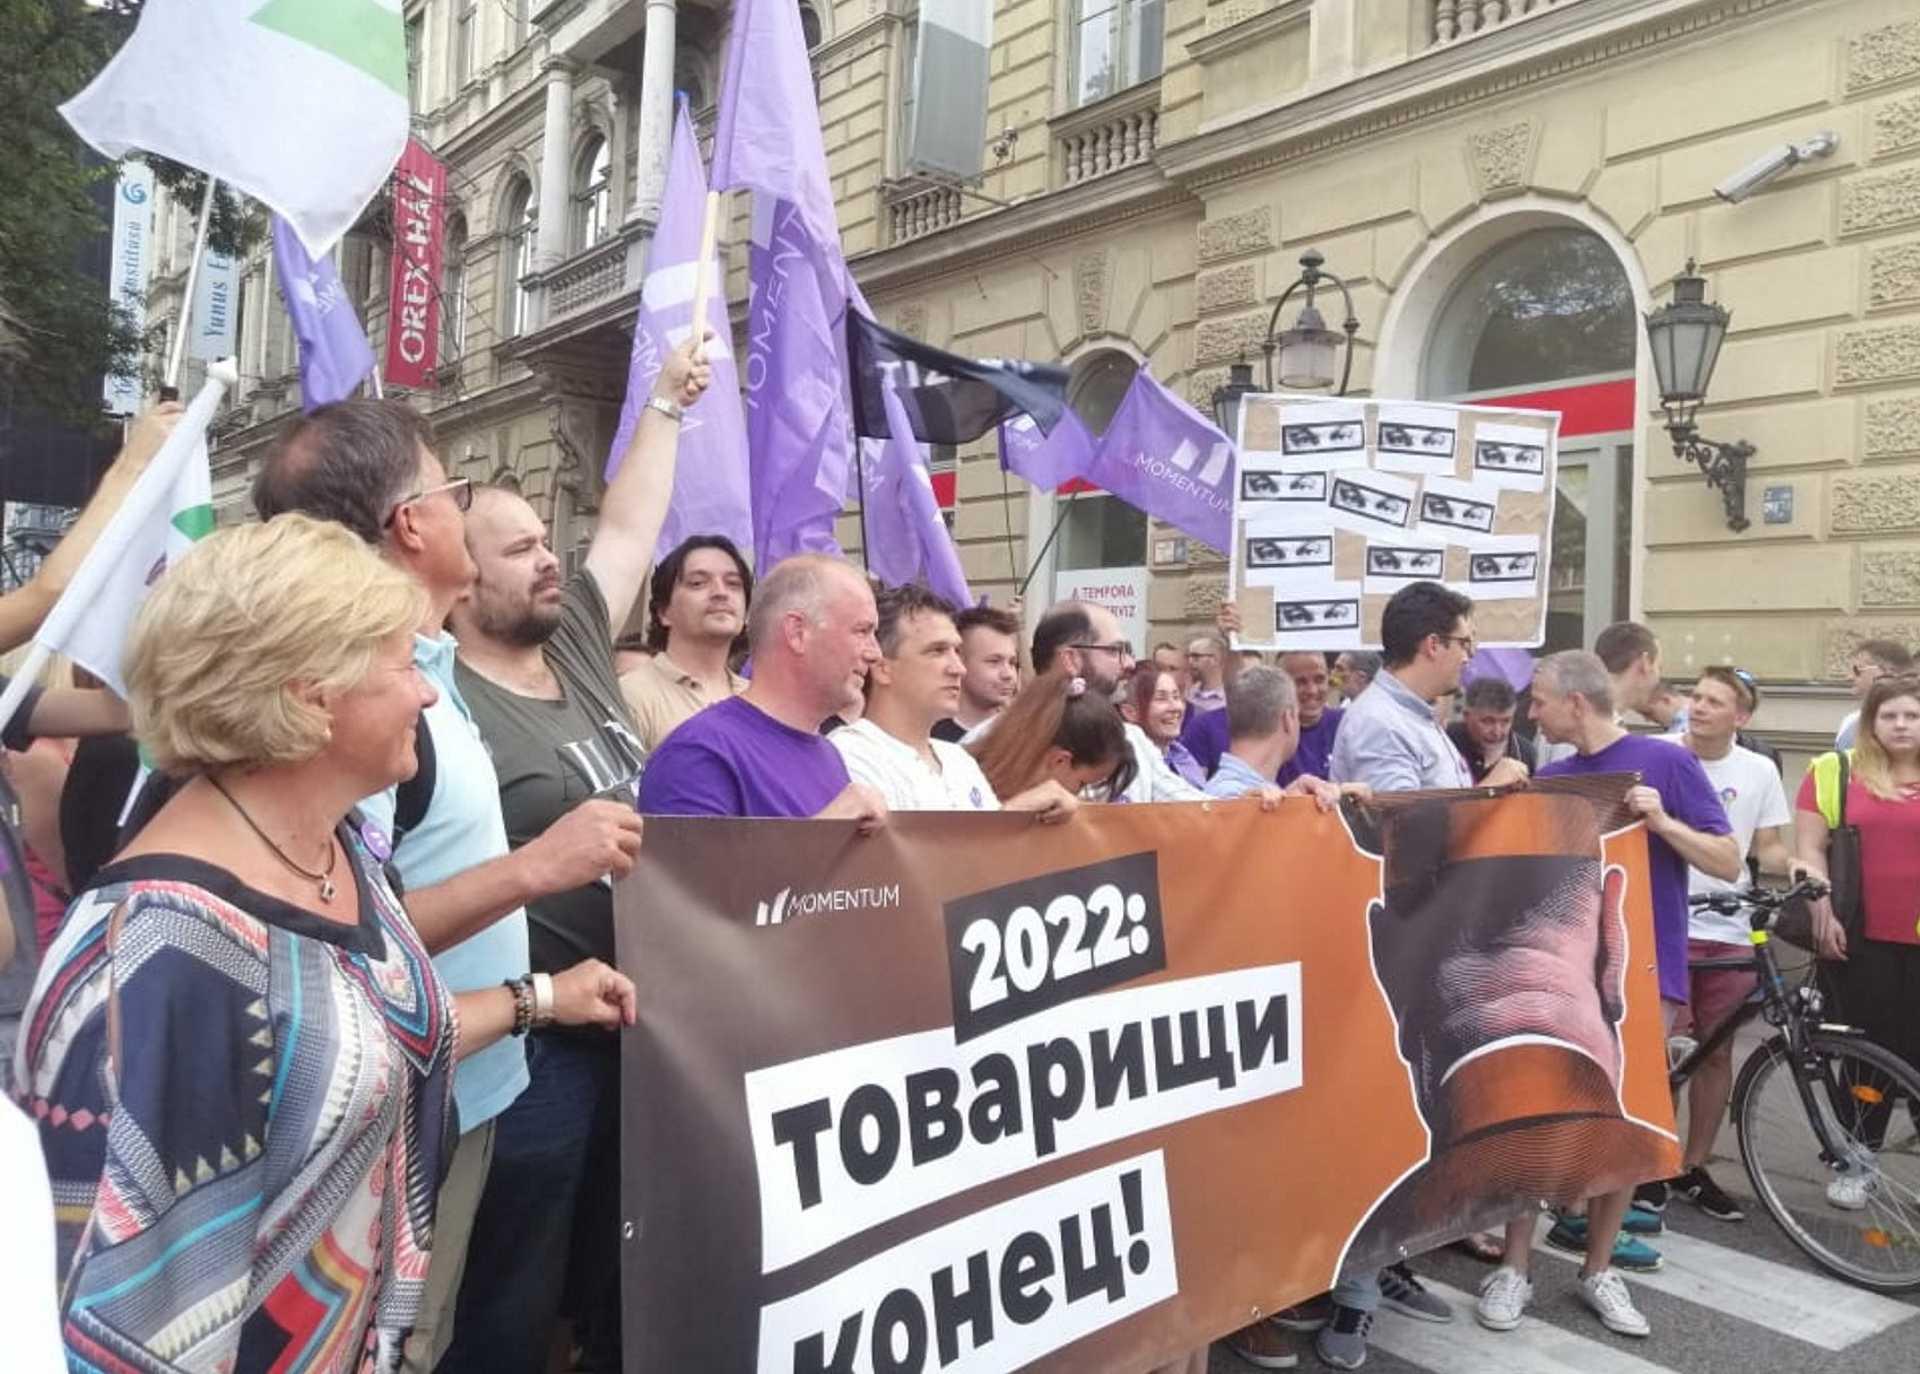 tüntetés a fővárosban